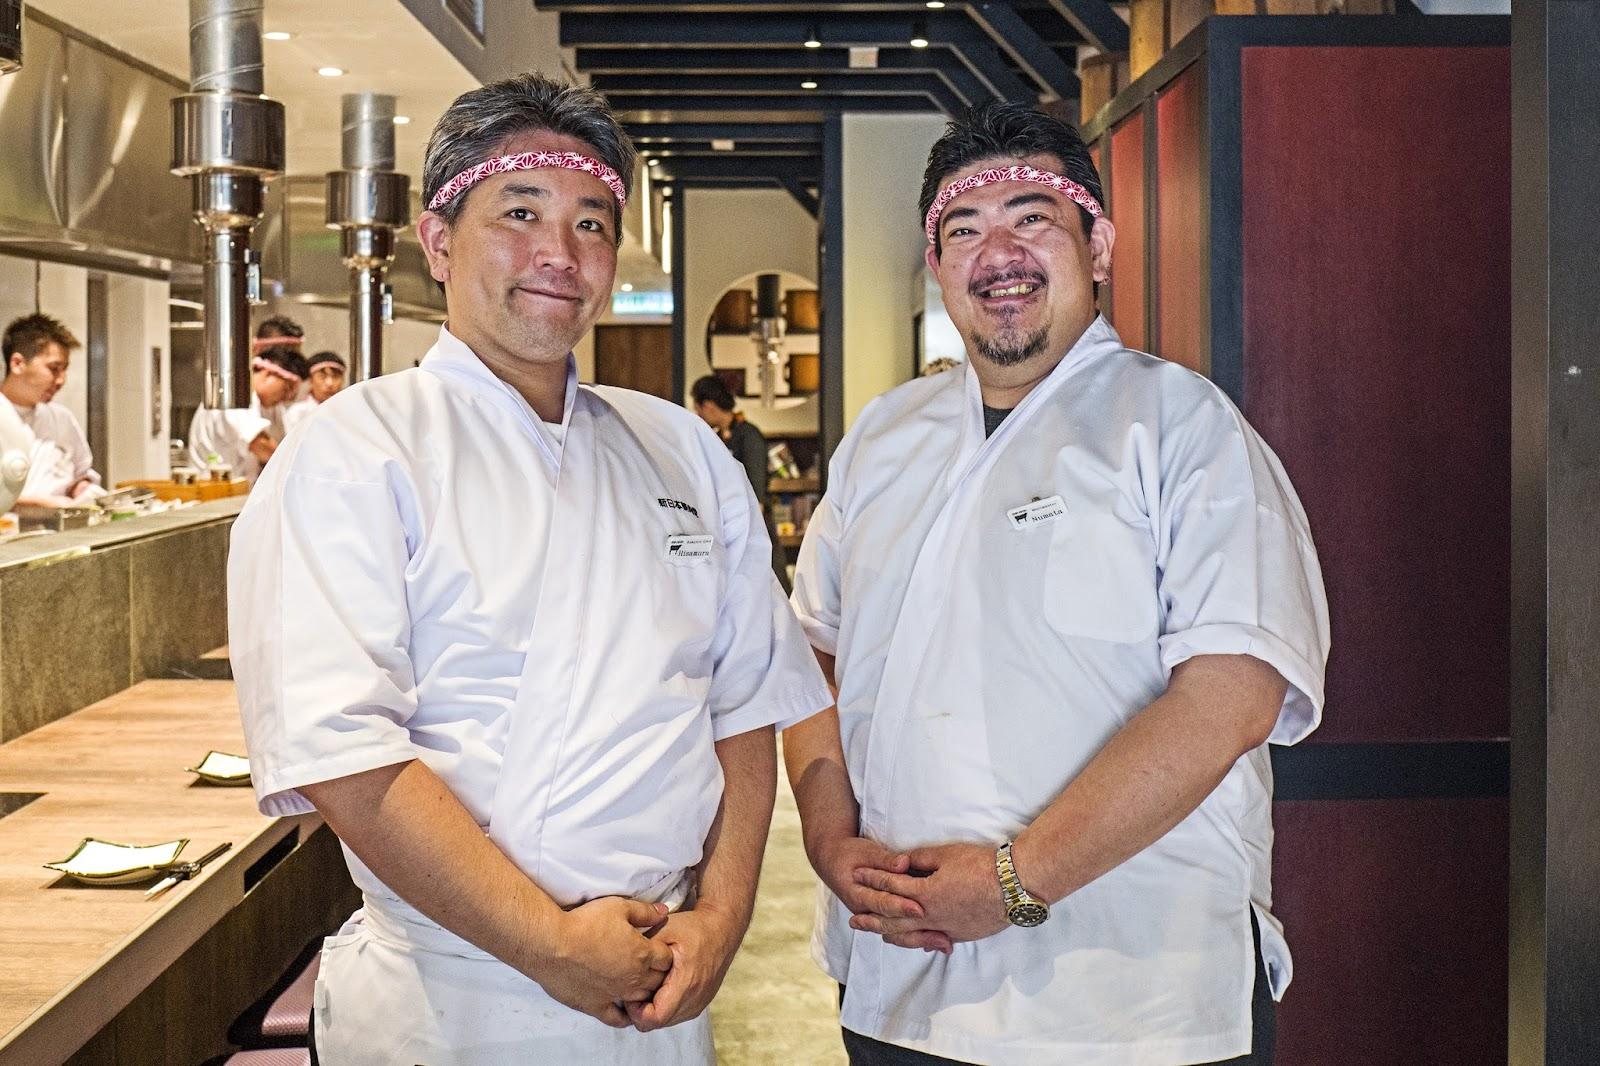 chefs-L1060608.jpg